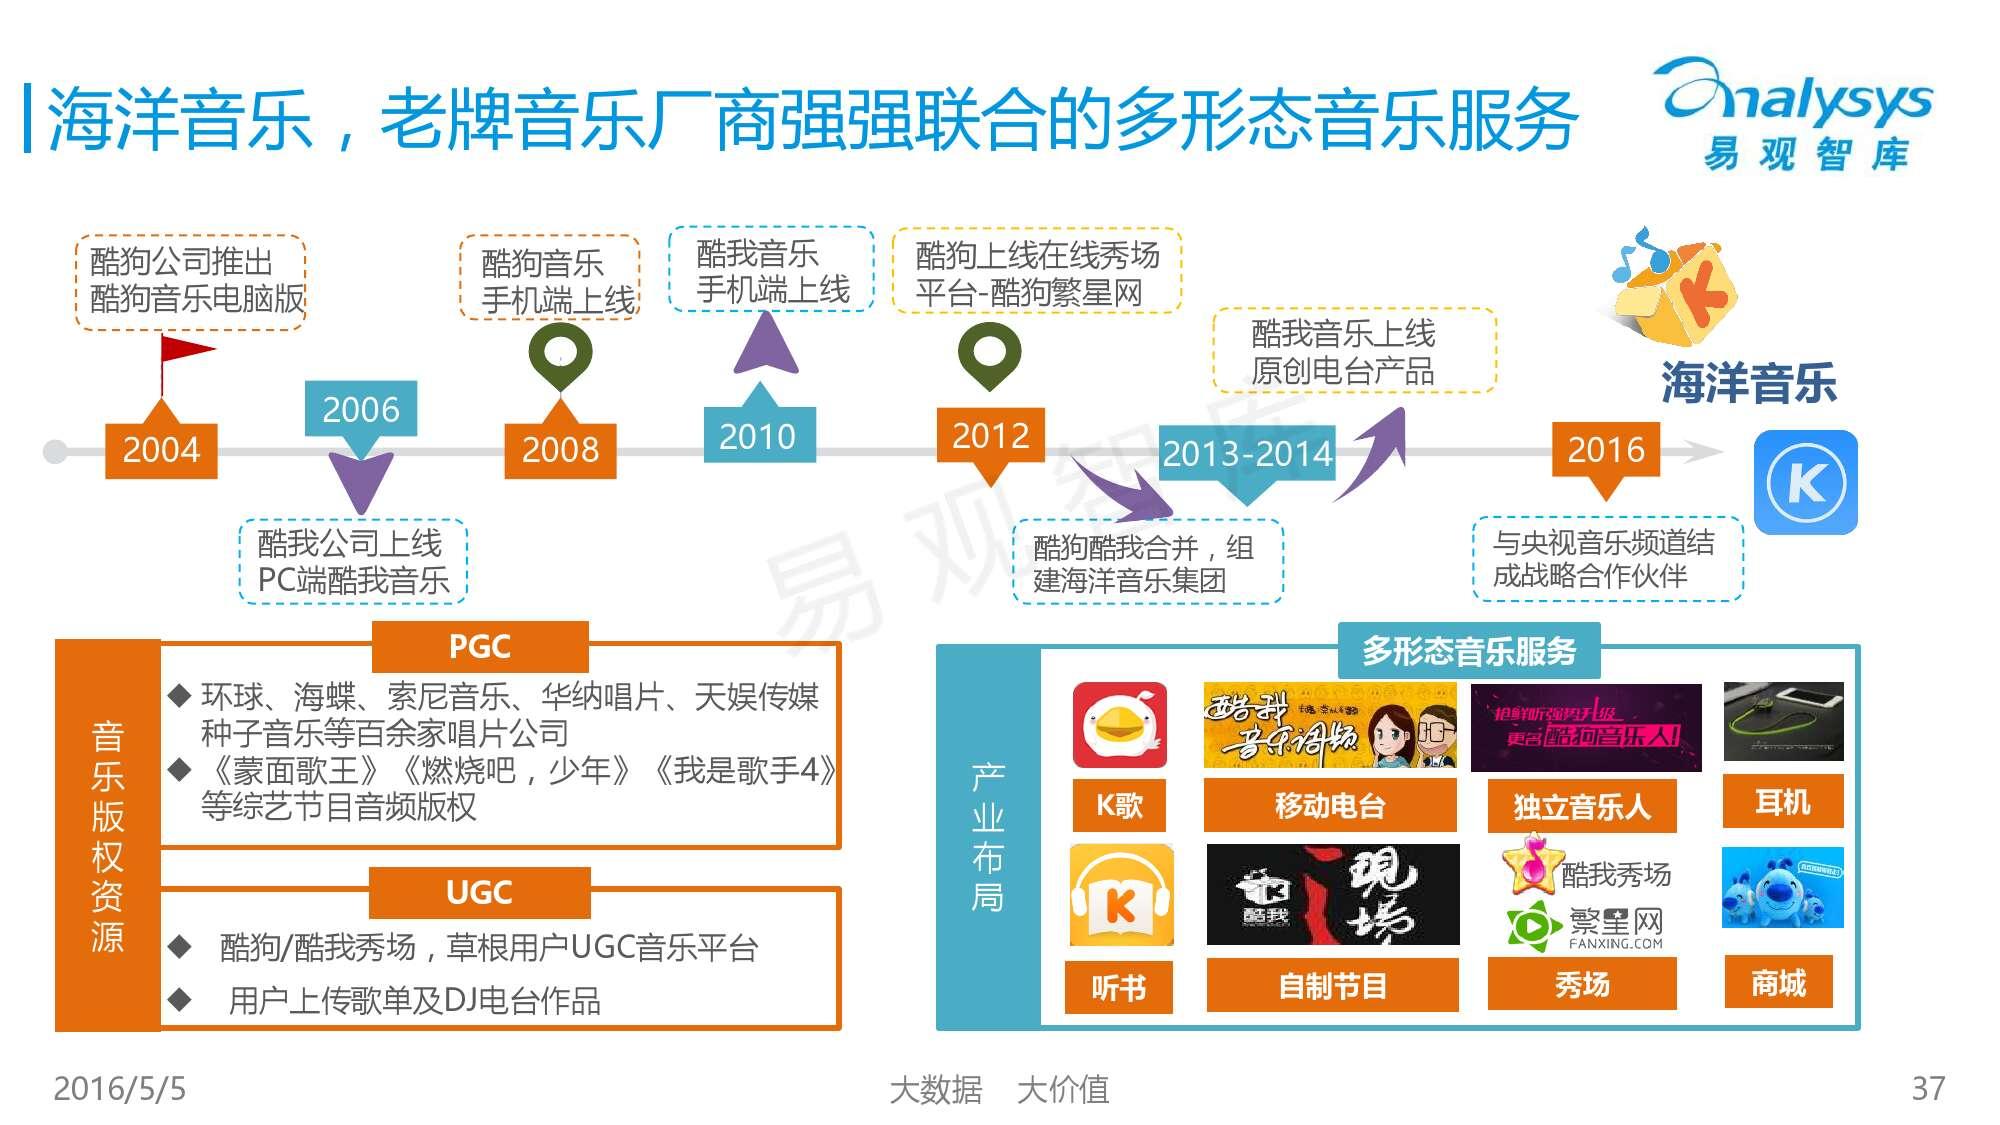 2016中国移动音乐市场年度综合报告_000037